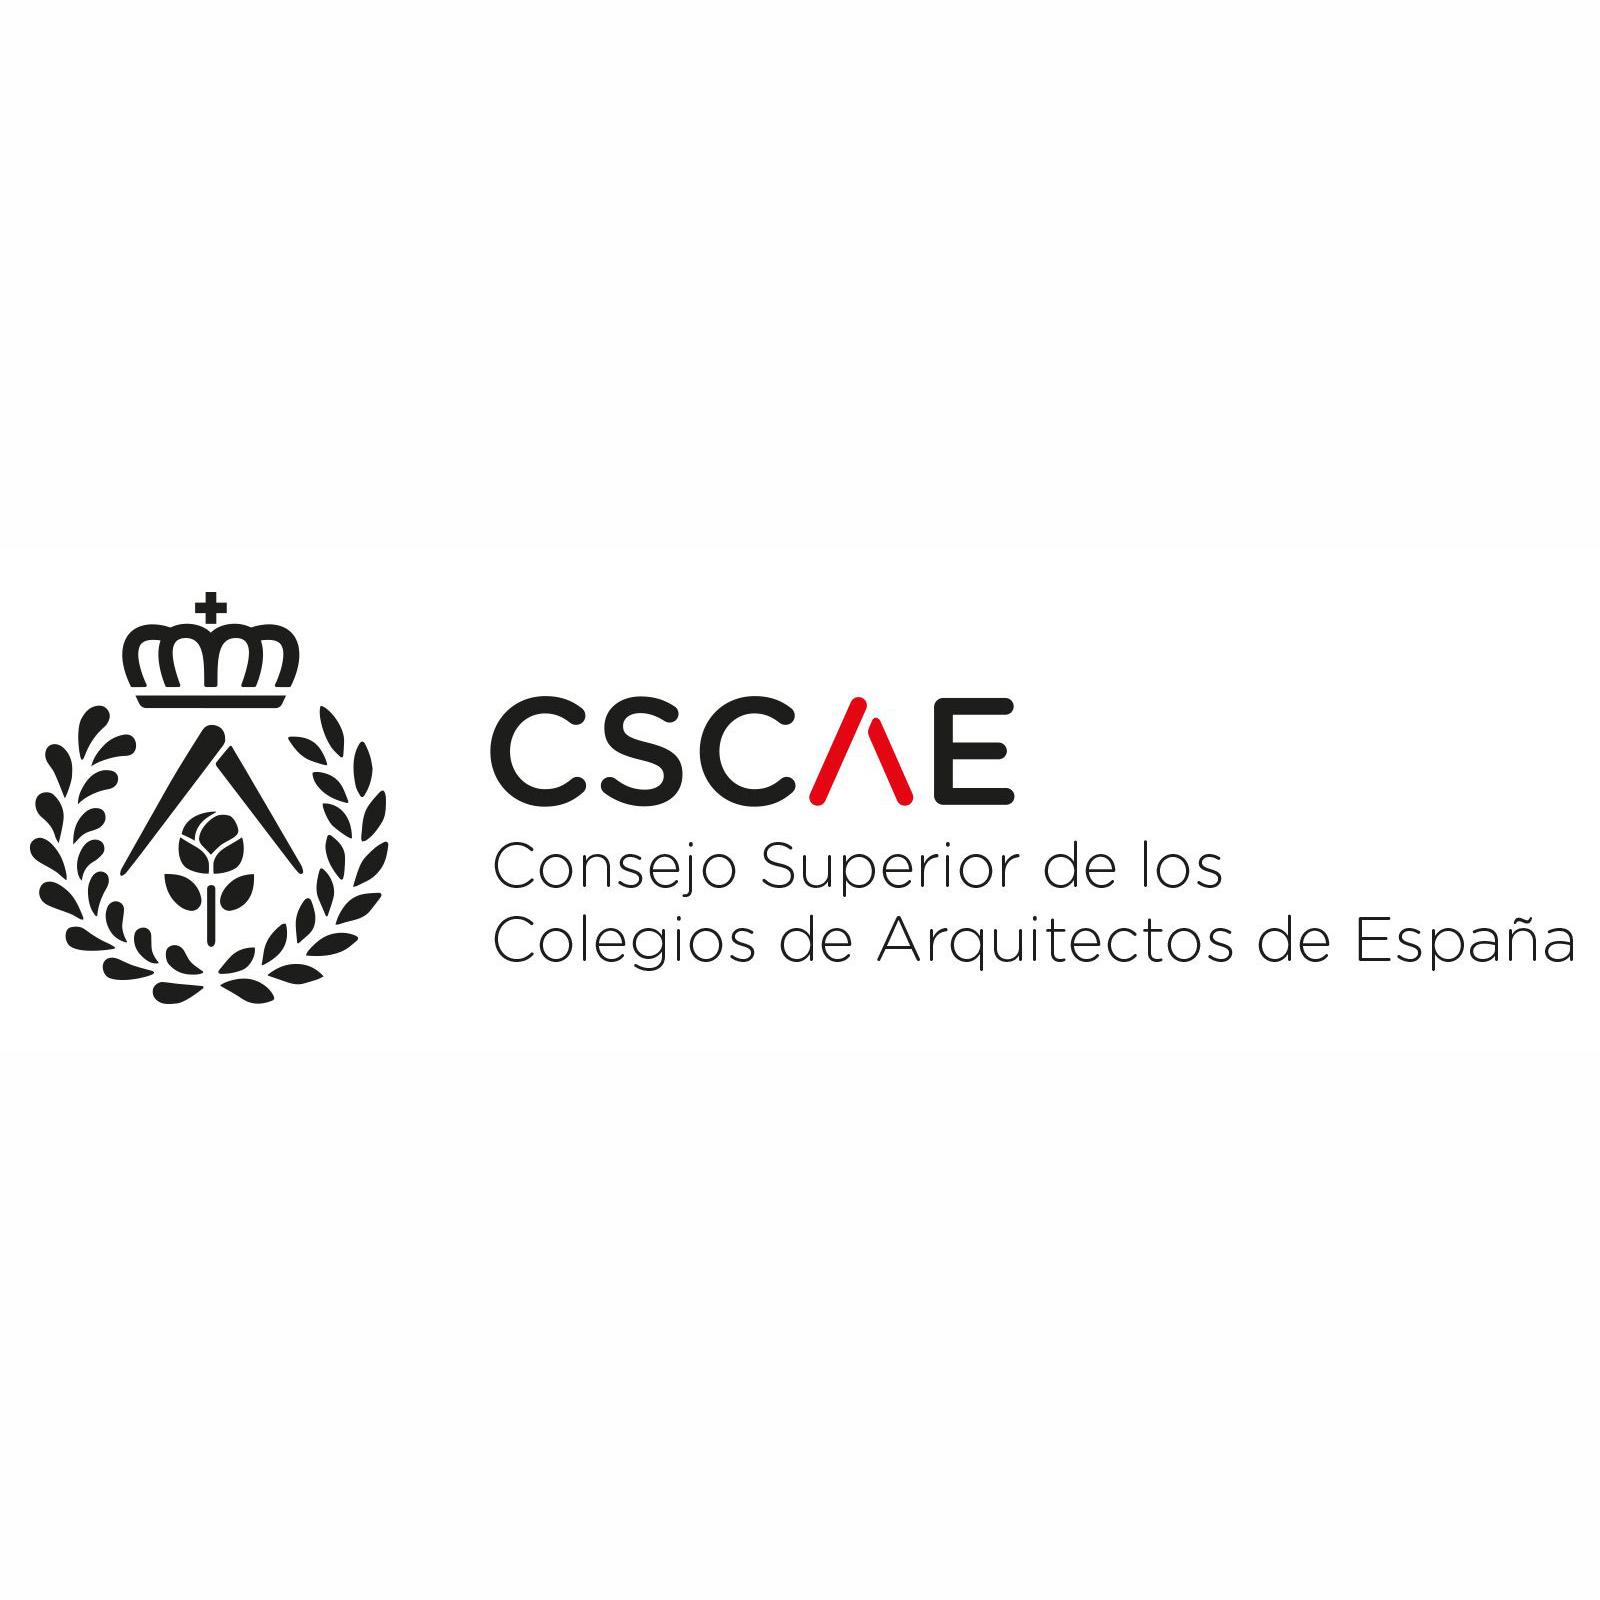 El CSCAE hace público su apoyo al proyecto MuWo